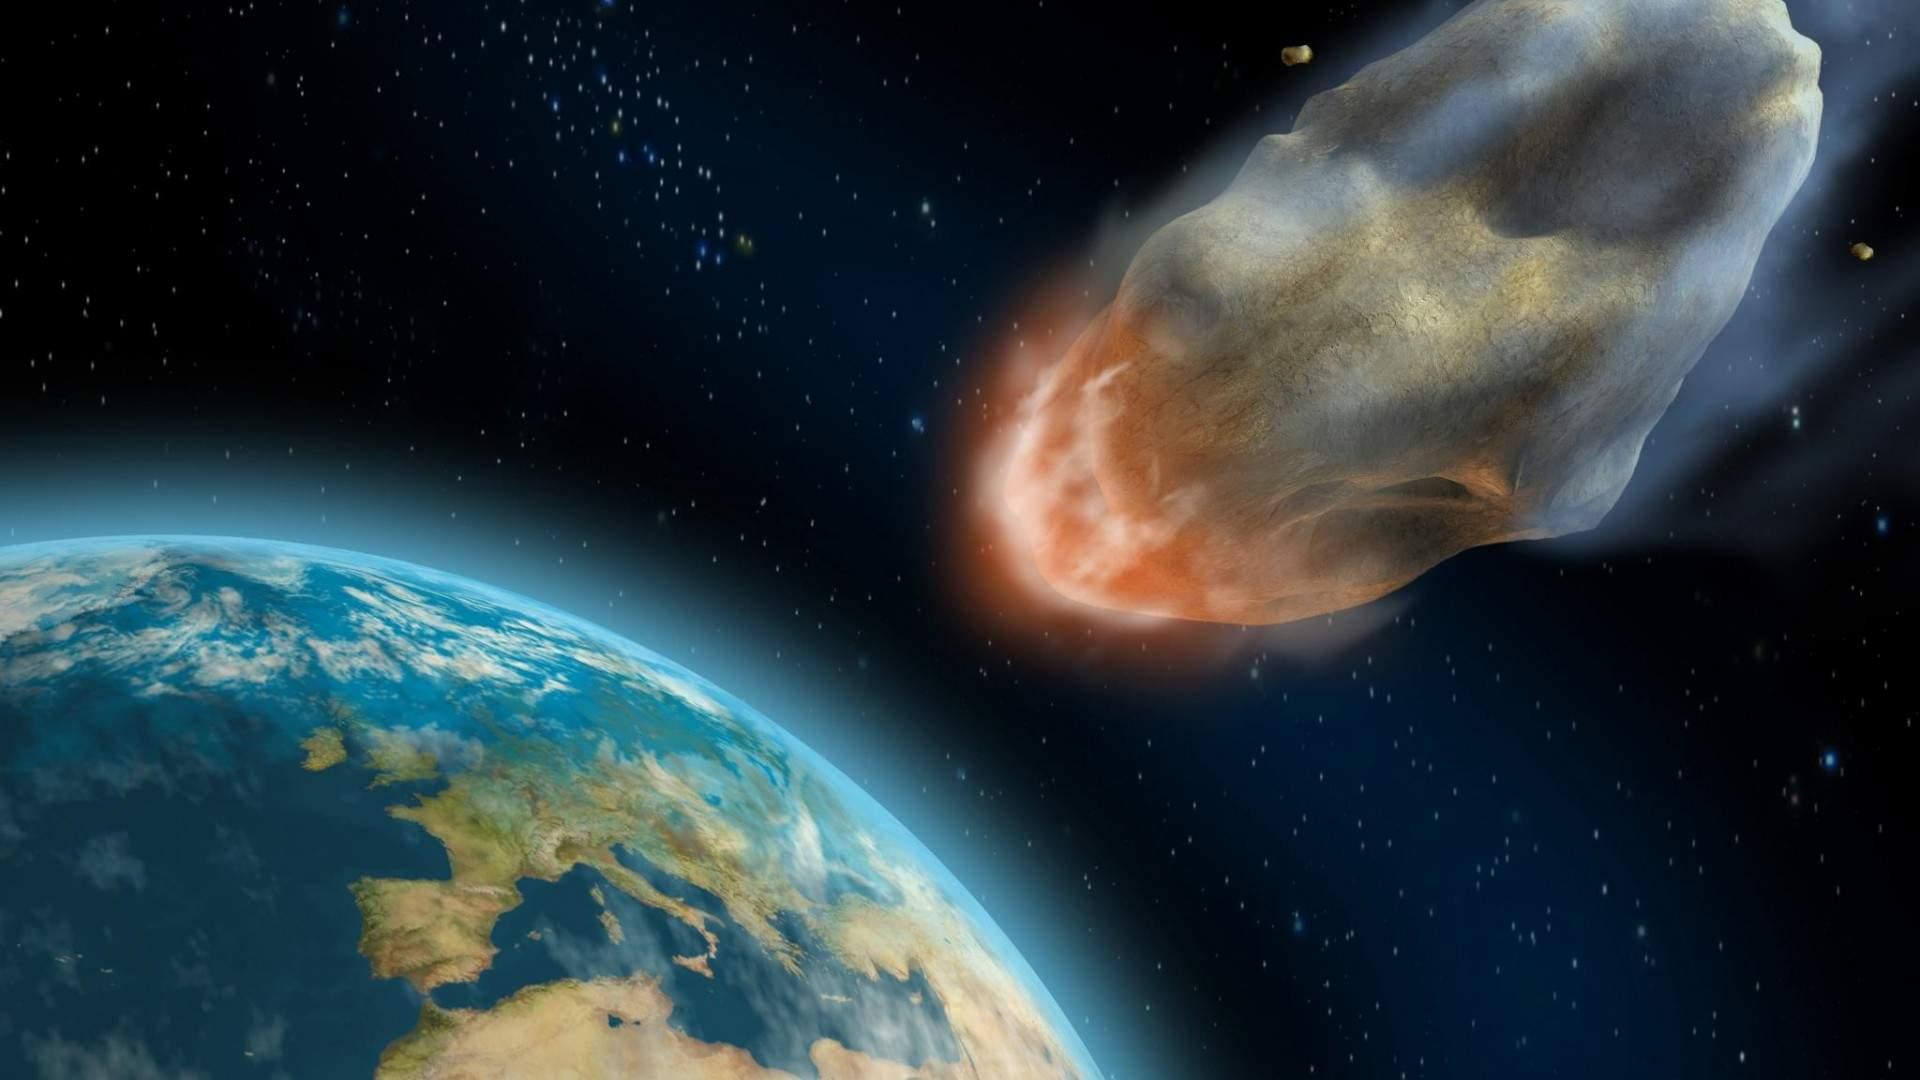 Ученые рассказали об опасном крупном астероиде, который летит к Земле